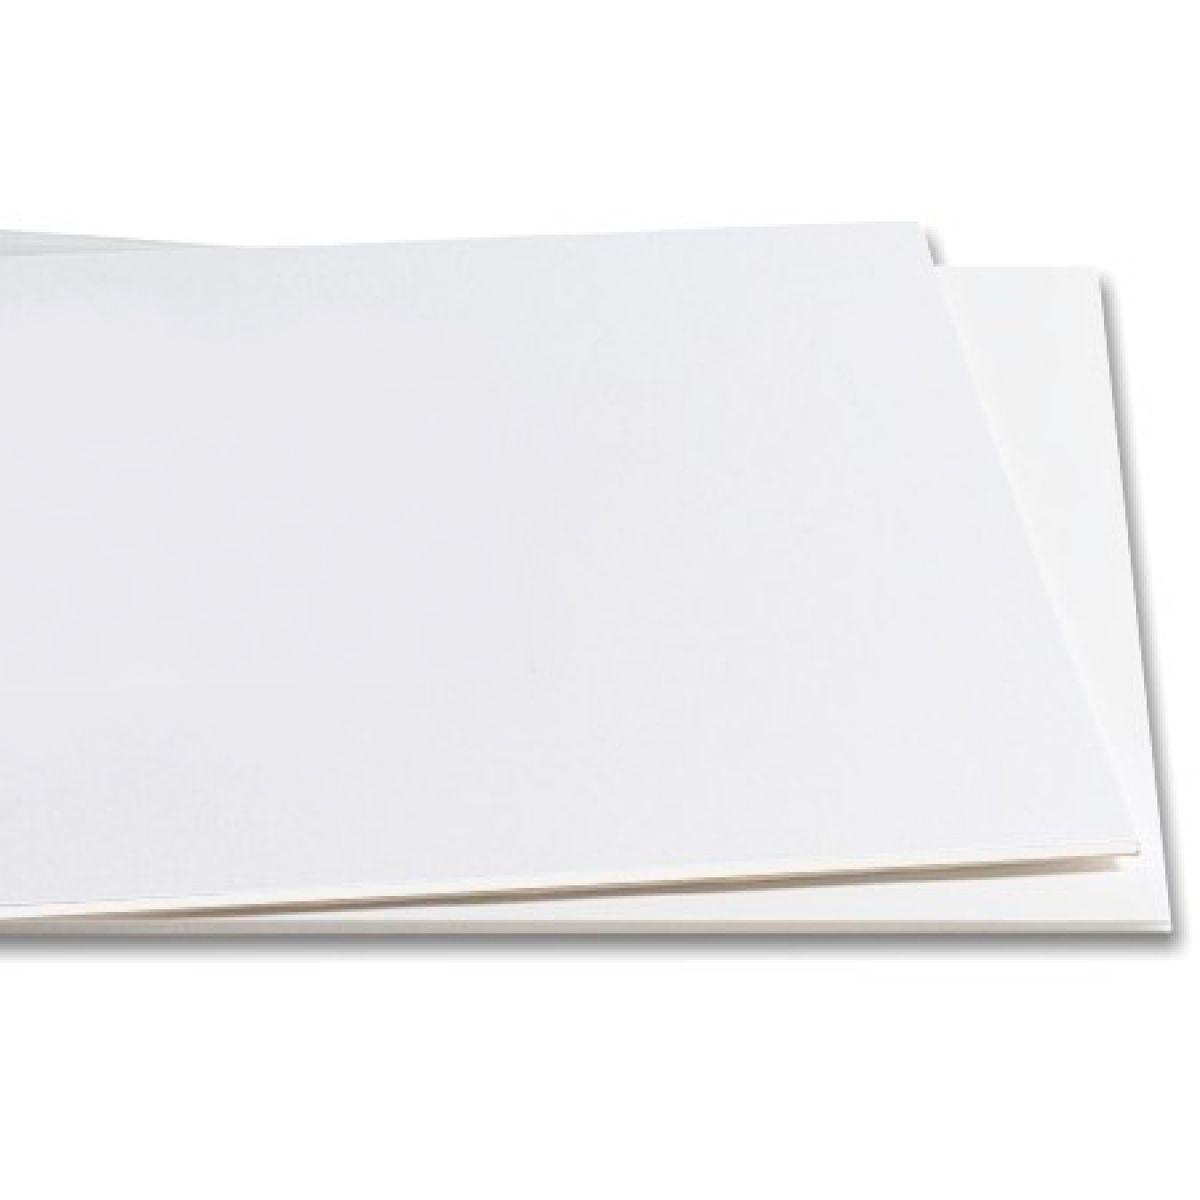 Papel Couche Fosco 300g A3 Embalagem Com 050 Folhas Phandora